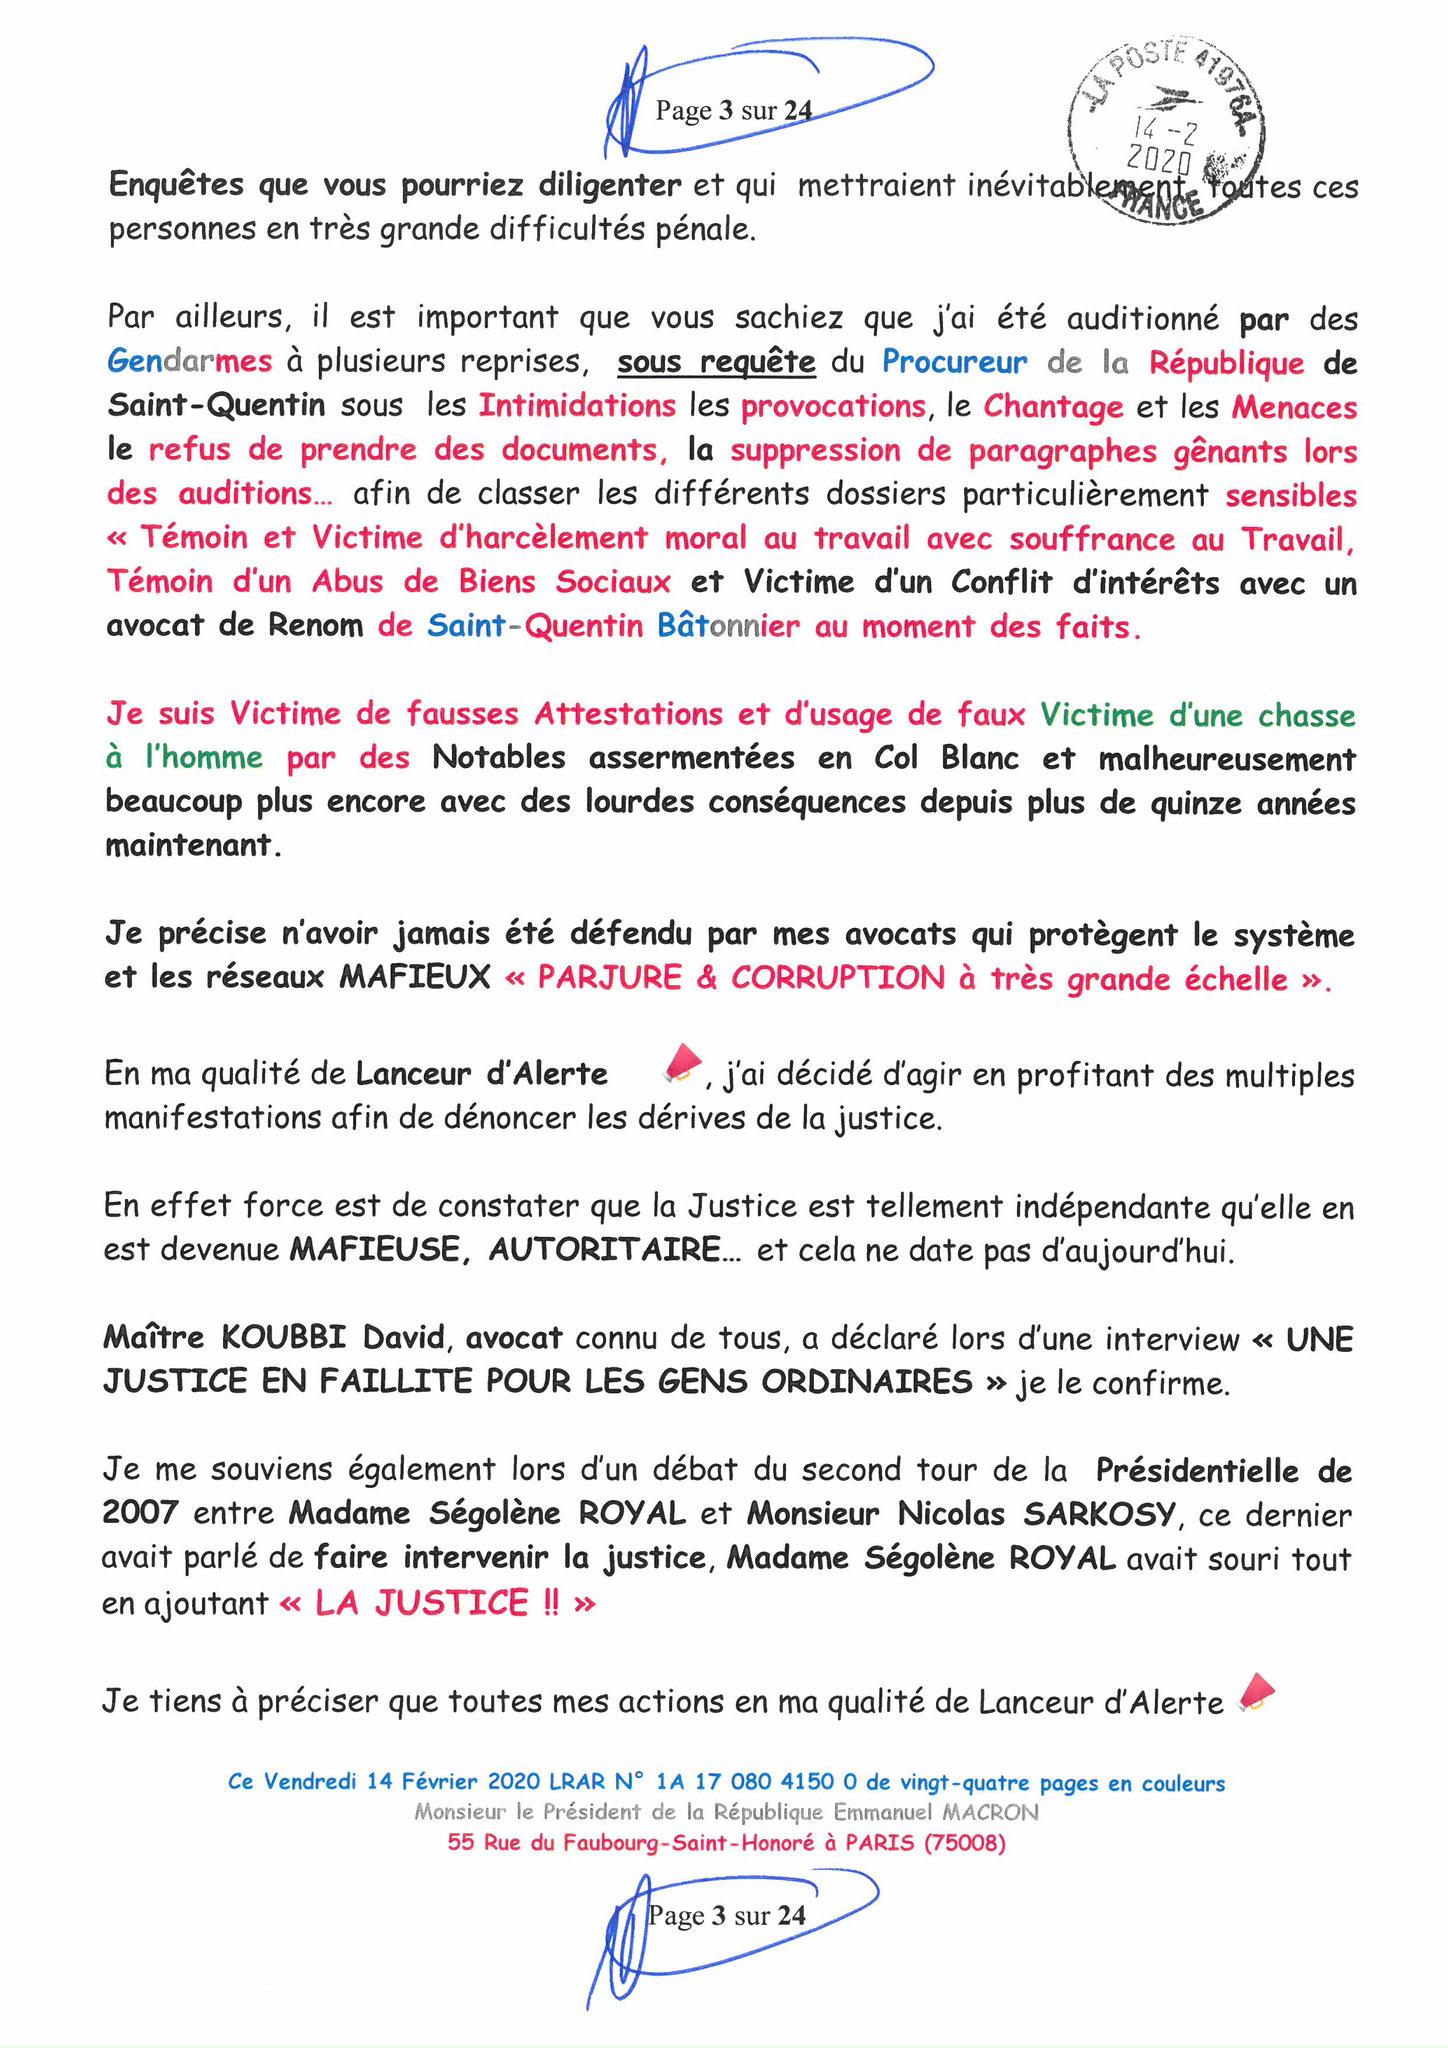 Ma lettre recommandée du 14 Février 2020 N° 1A 178 082 4150 0  page 3 sur 24 en couleur que j'ai adressé à Monsieur Emmanuel MACRON le Président de la République www.jesuispatrick.fr www.jesuisvictime.fr www.alerte-rouge-france.fr